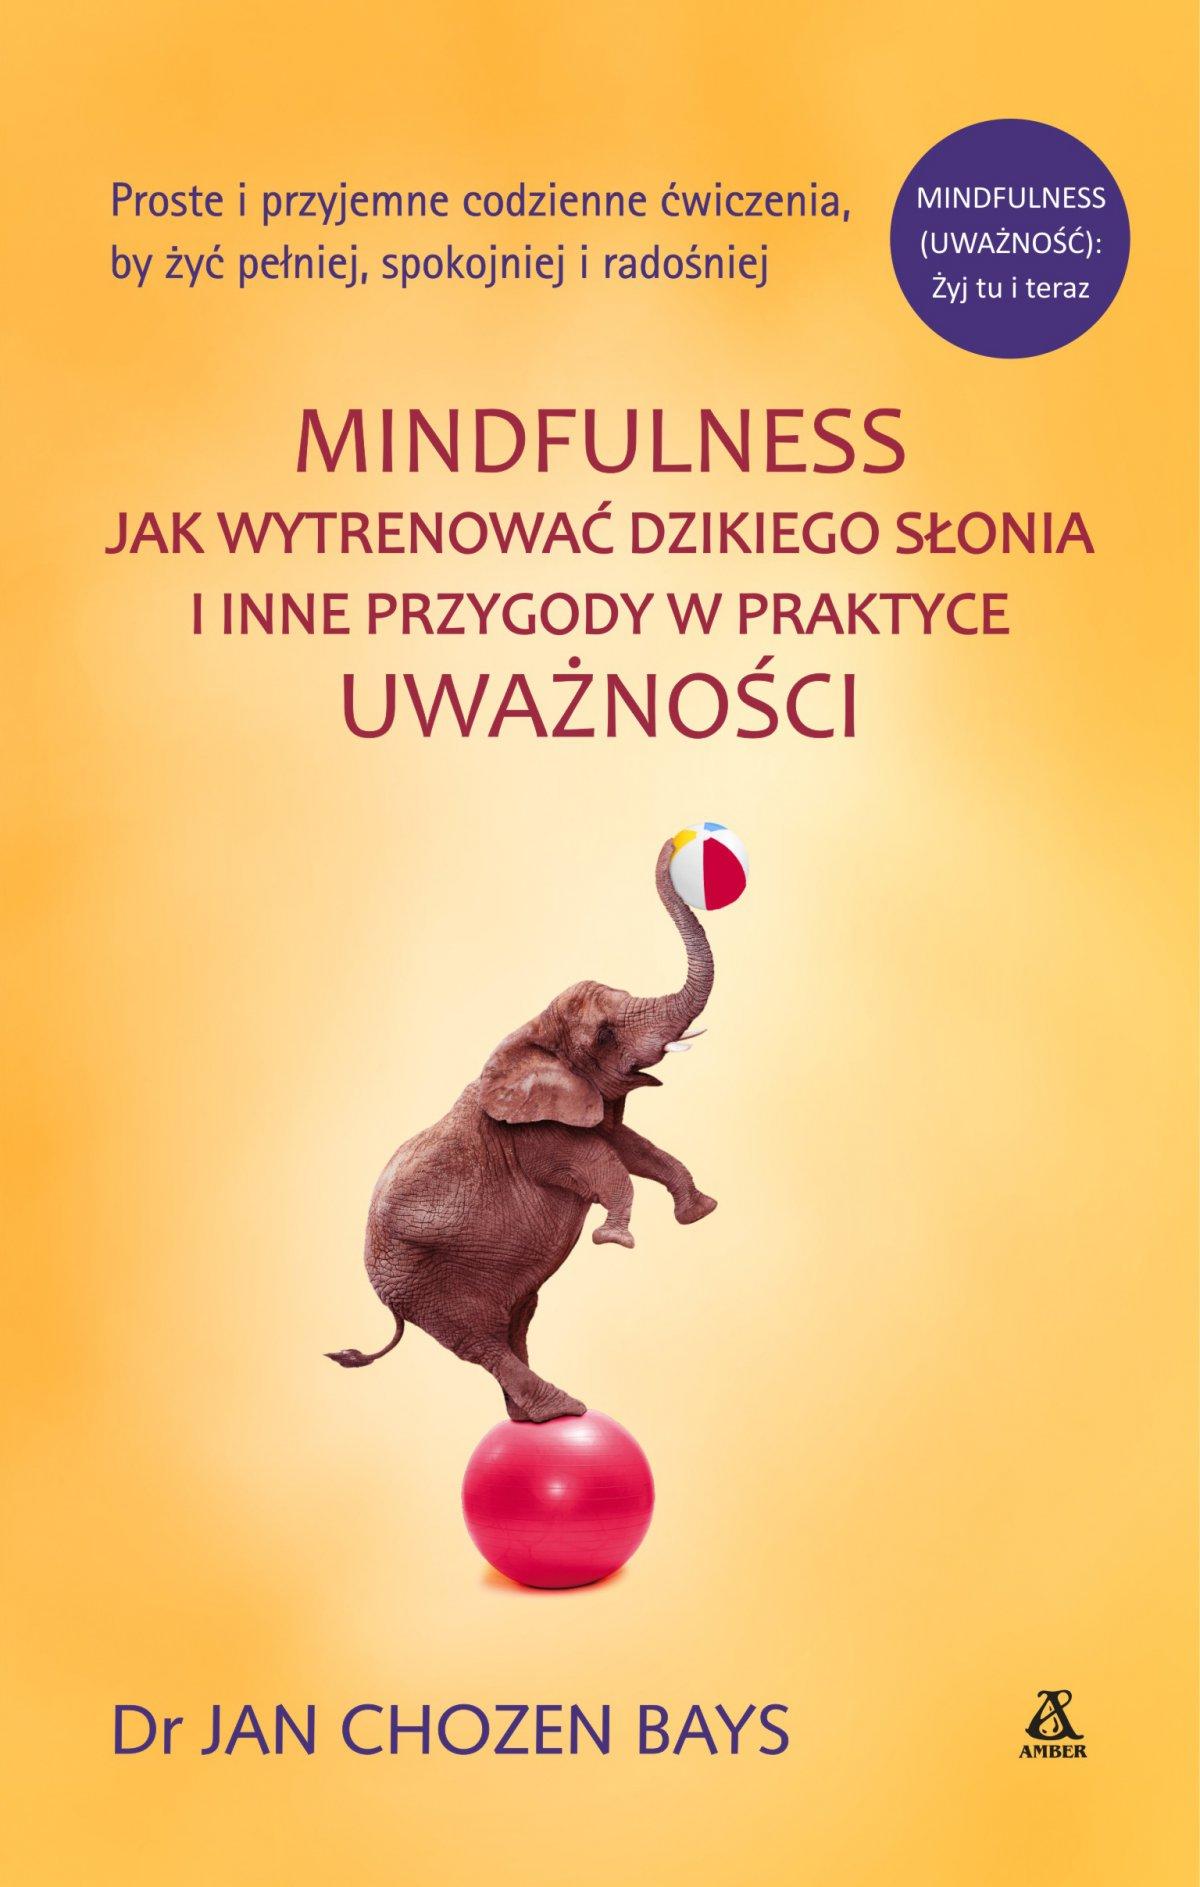 Mindfulness: Jak wytrenować dzikiego słonia - Ebook (Książka na Kindle) do pobrania w formacie MOBI